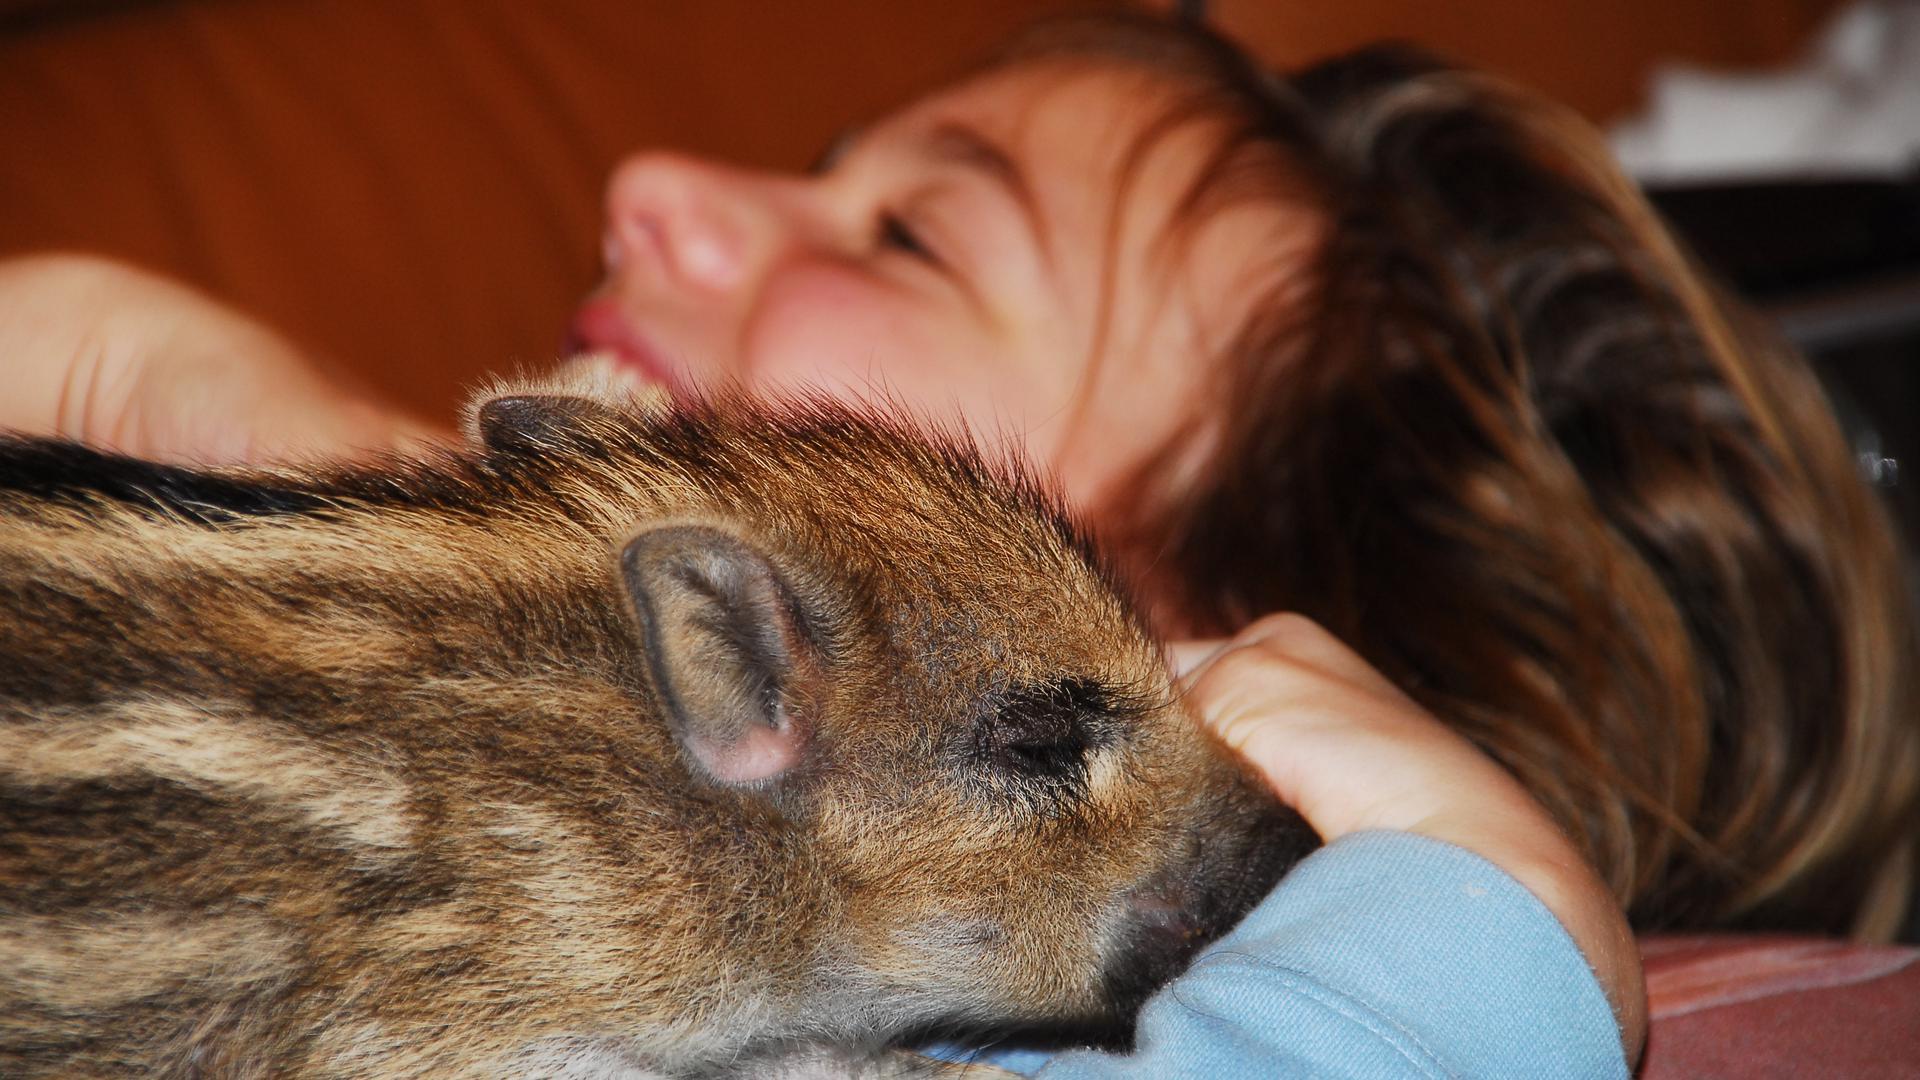 Ein Mädchen mit einem Wildschwein im Arm